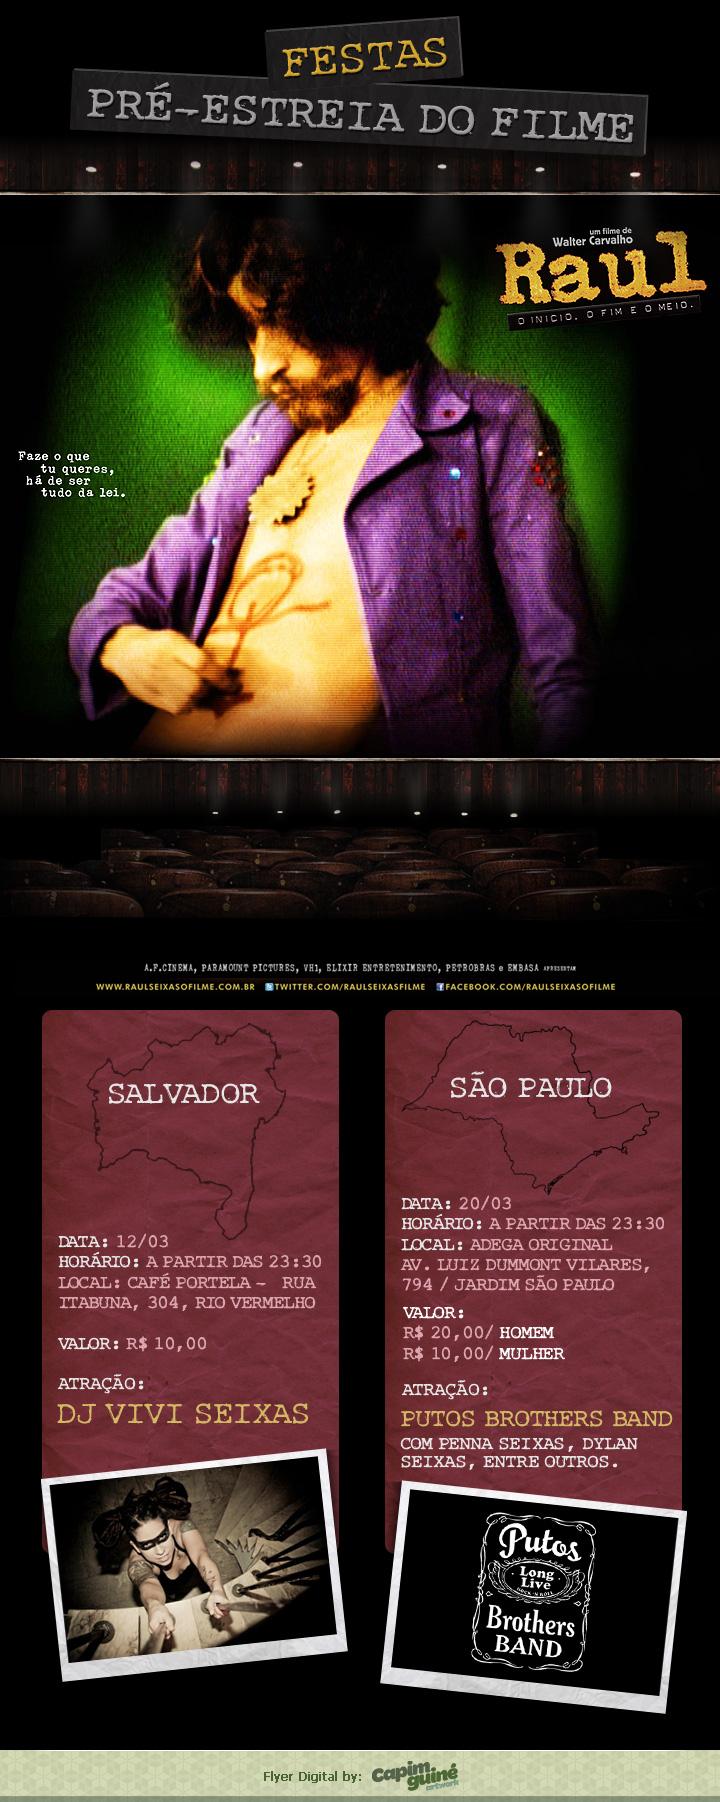 Festas de pré-estreia abertas ao público em São Paulo e Salvador